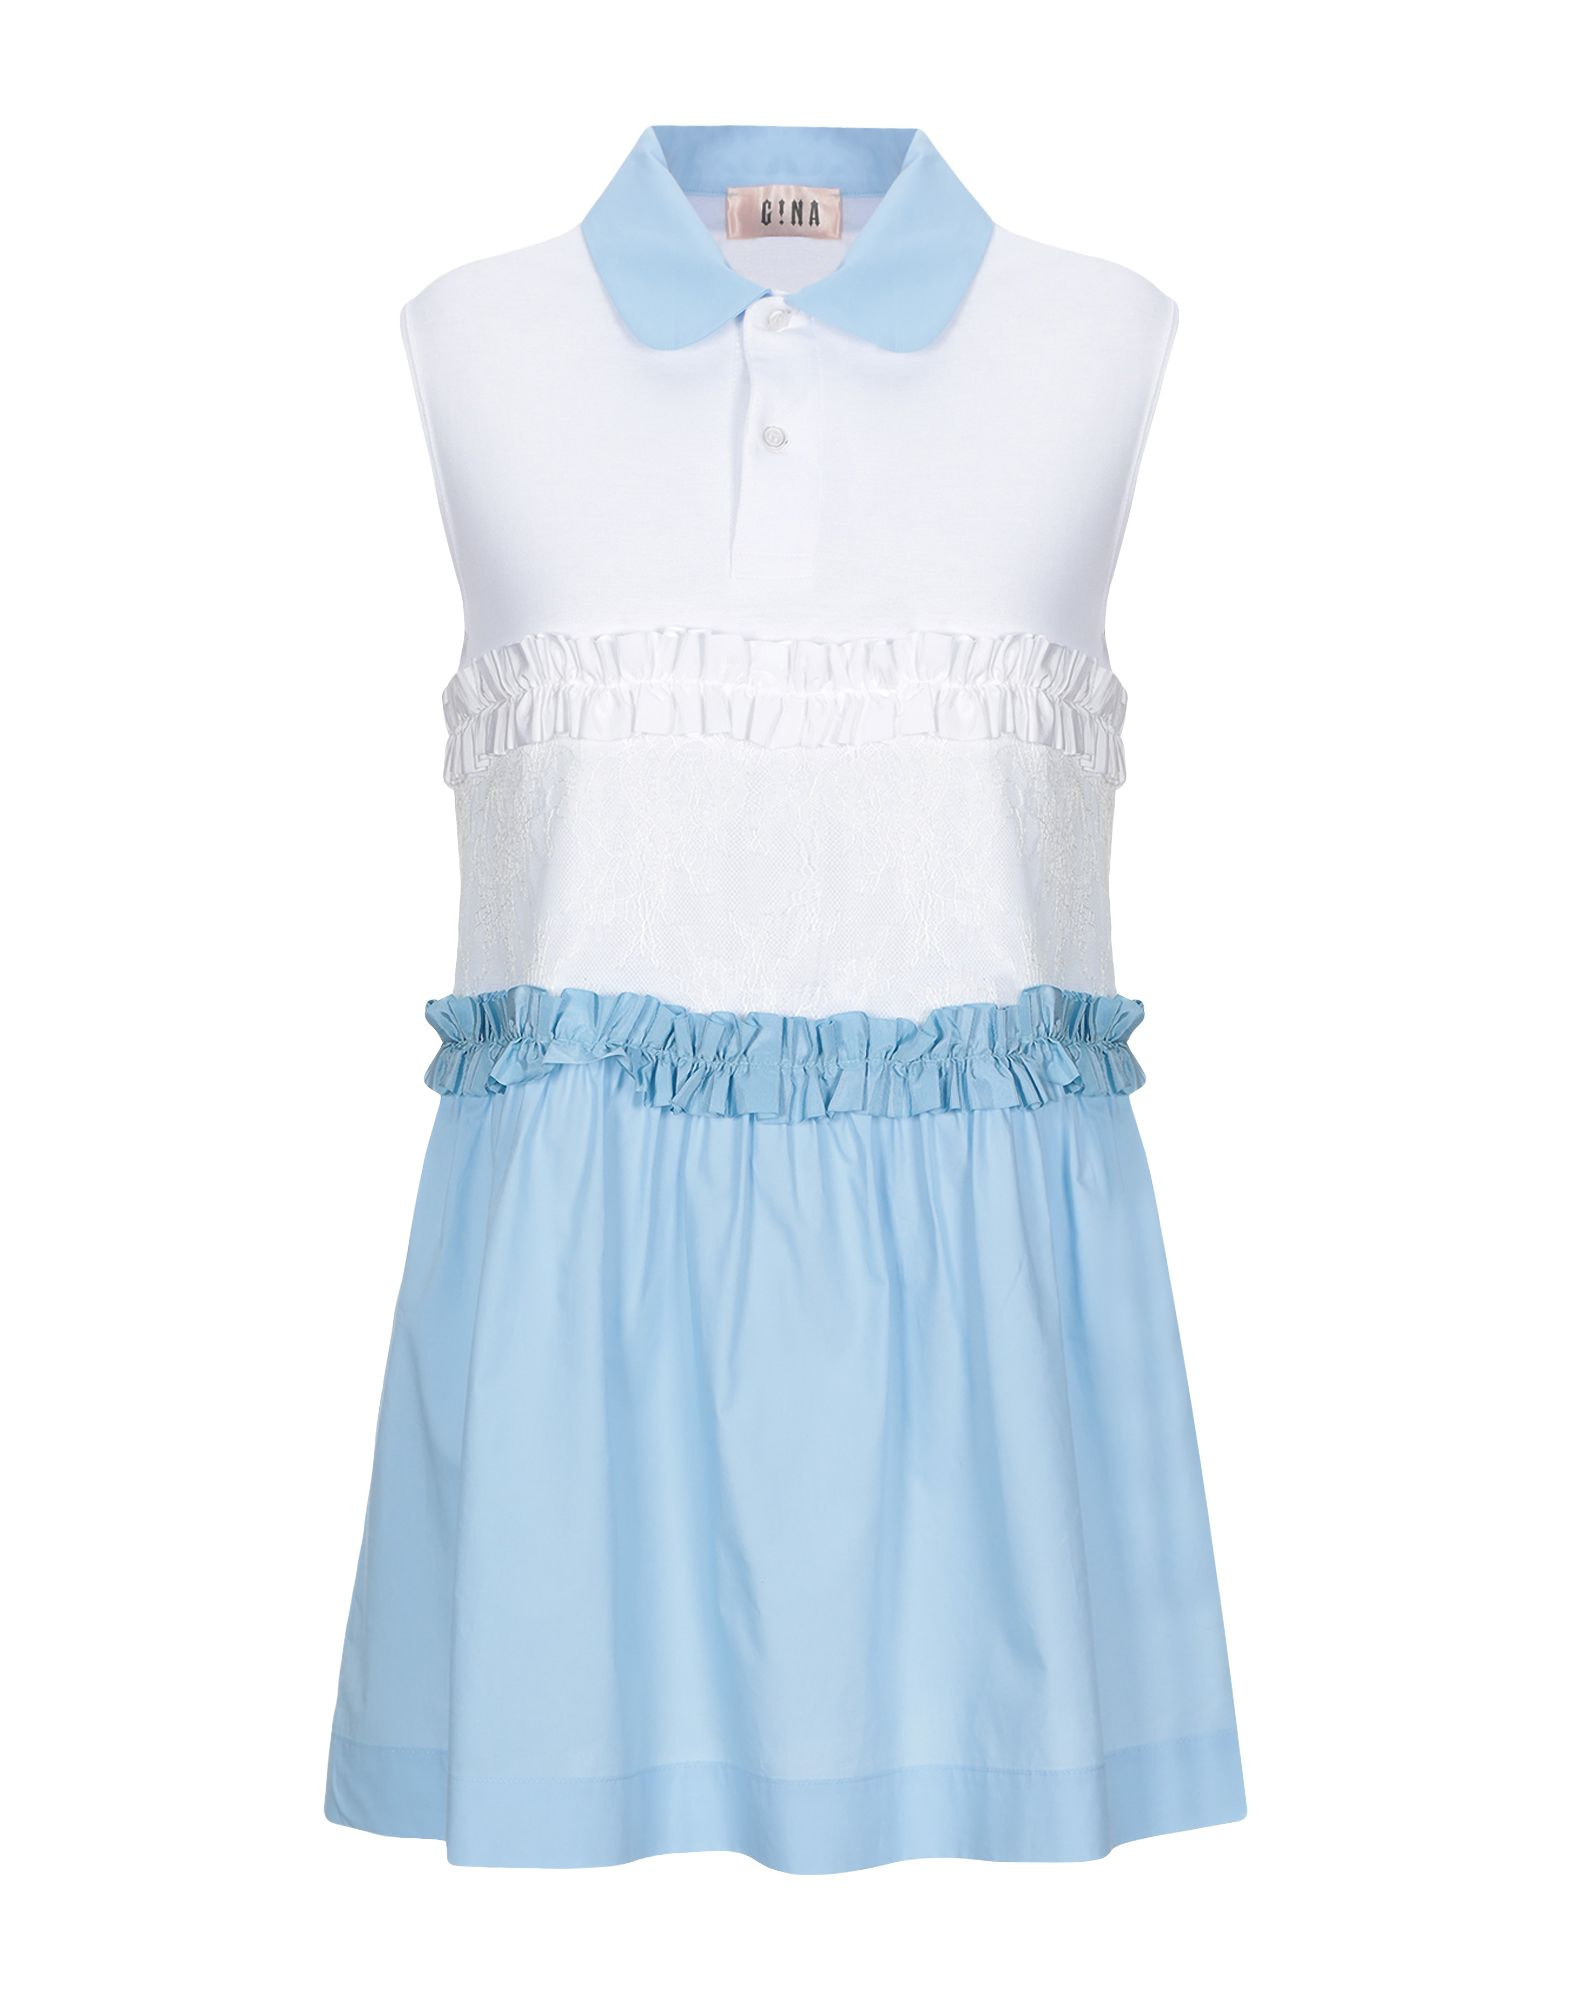 G!NA Короткое платье